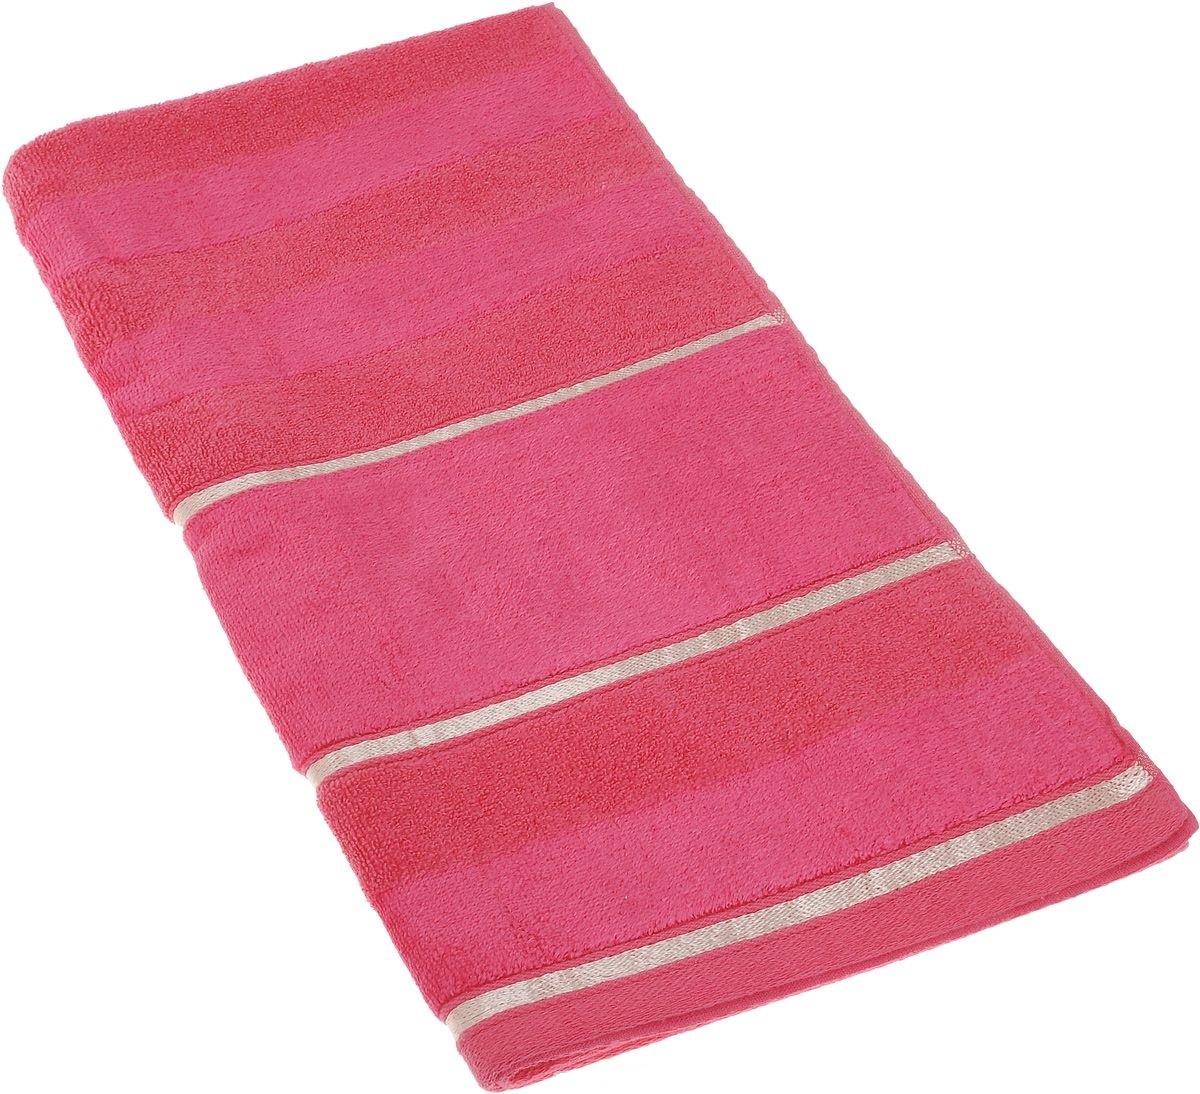 Полотенца Soavita Полотенце Louise Цвет: Фуксия (50х90 см) полотенца soavita полотенце nancy цвет белый 50х90 см